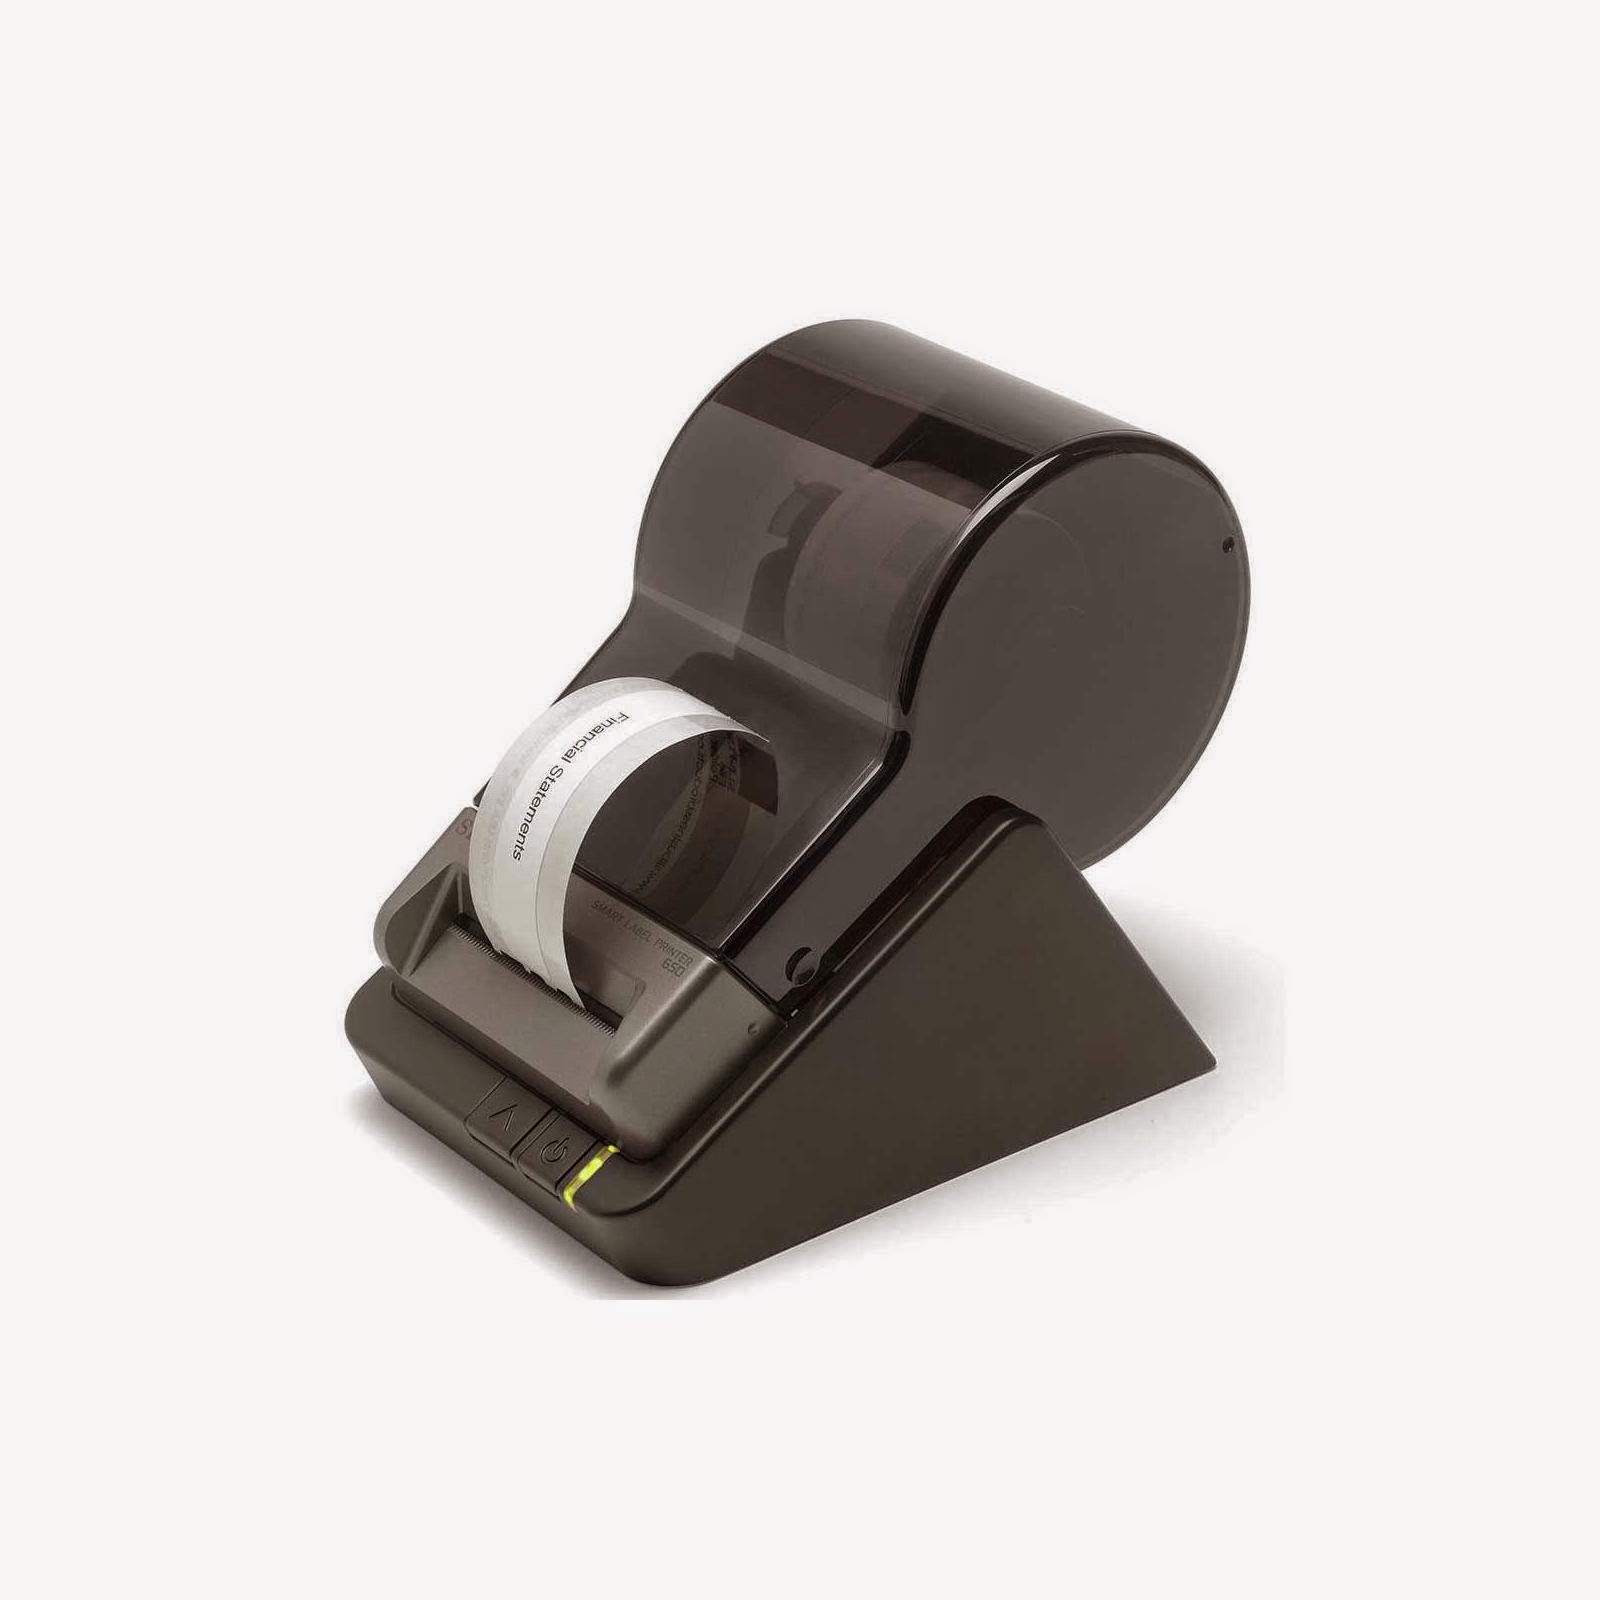 Smart label printer 400 software